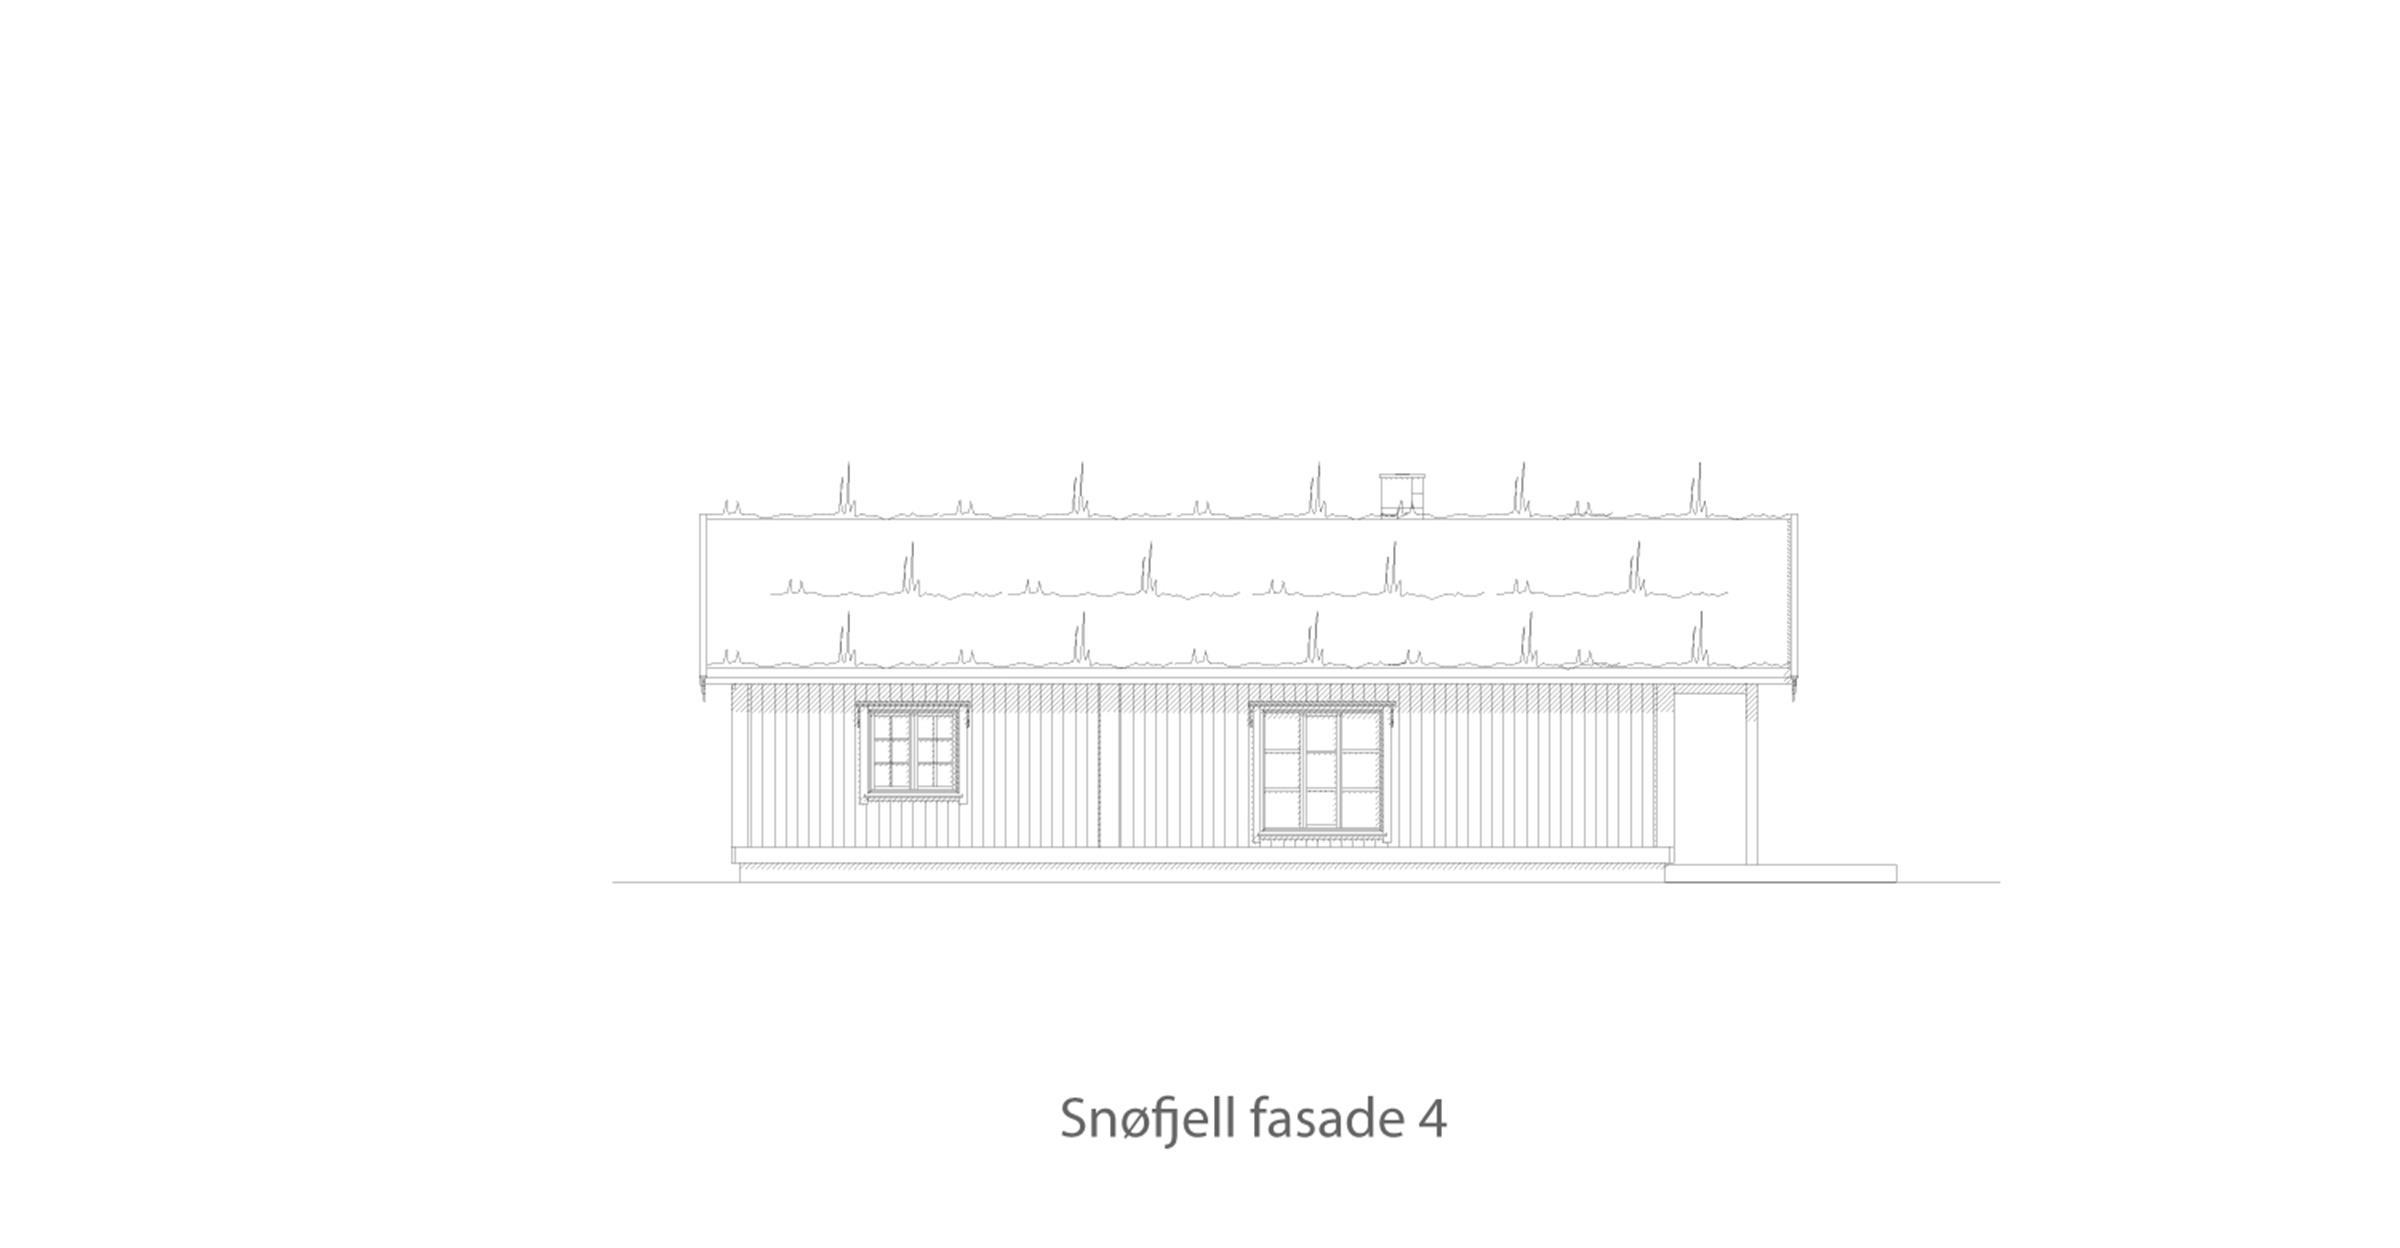 Snøfjell fasade 4